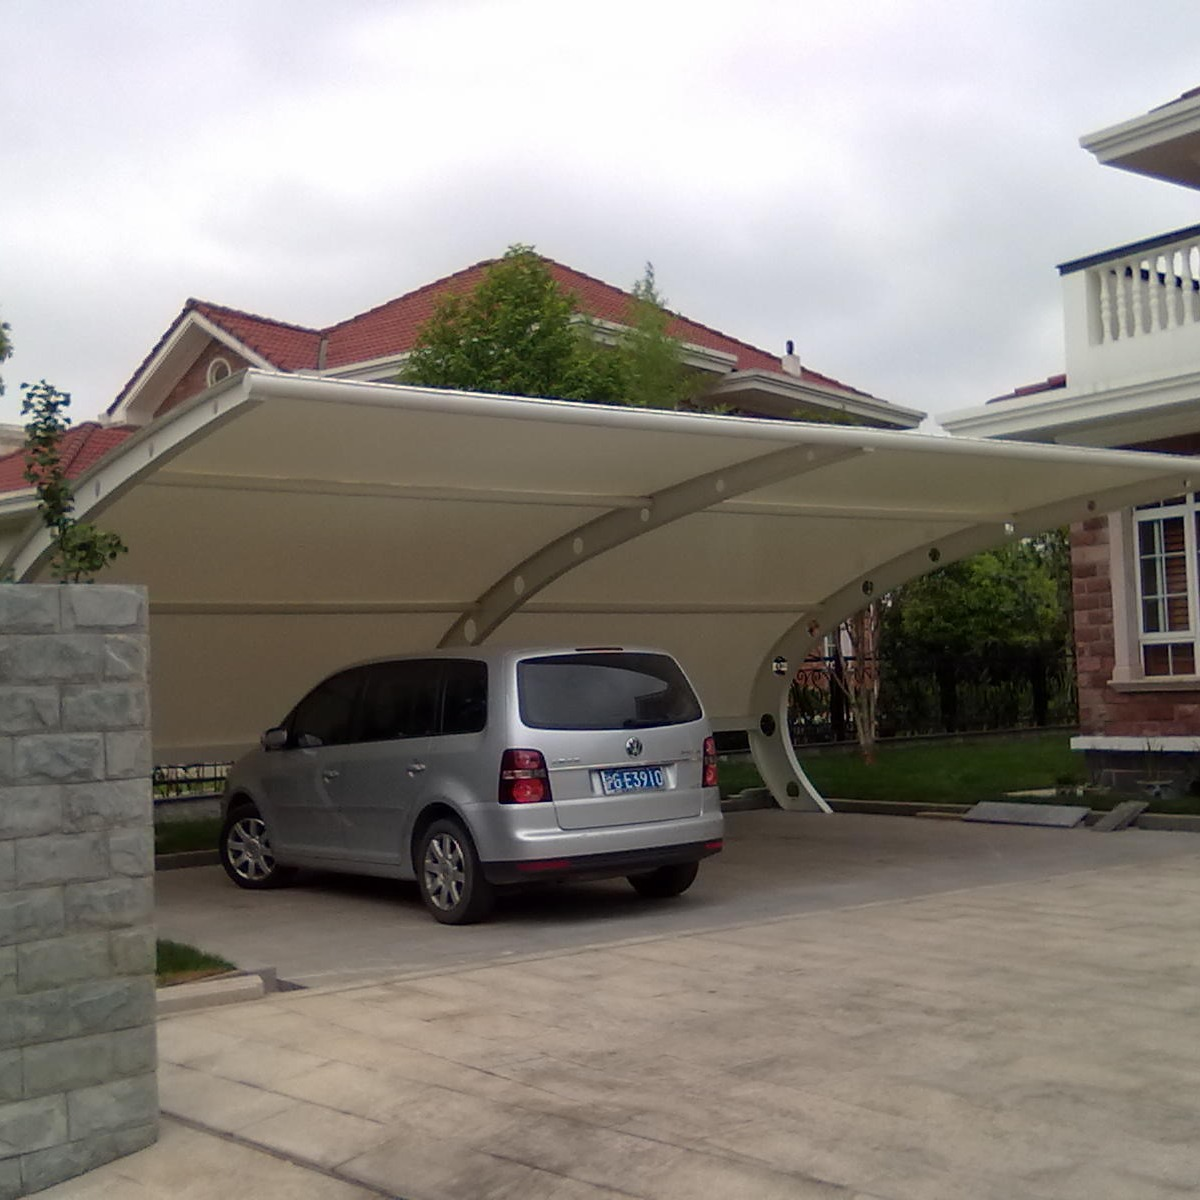 厂家定制膜结构车棚 充电桩膜结构车棚 充电站膜结构停车棚汽车篷